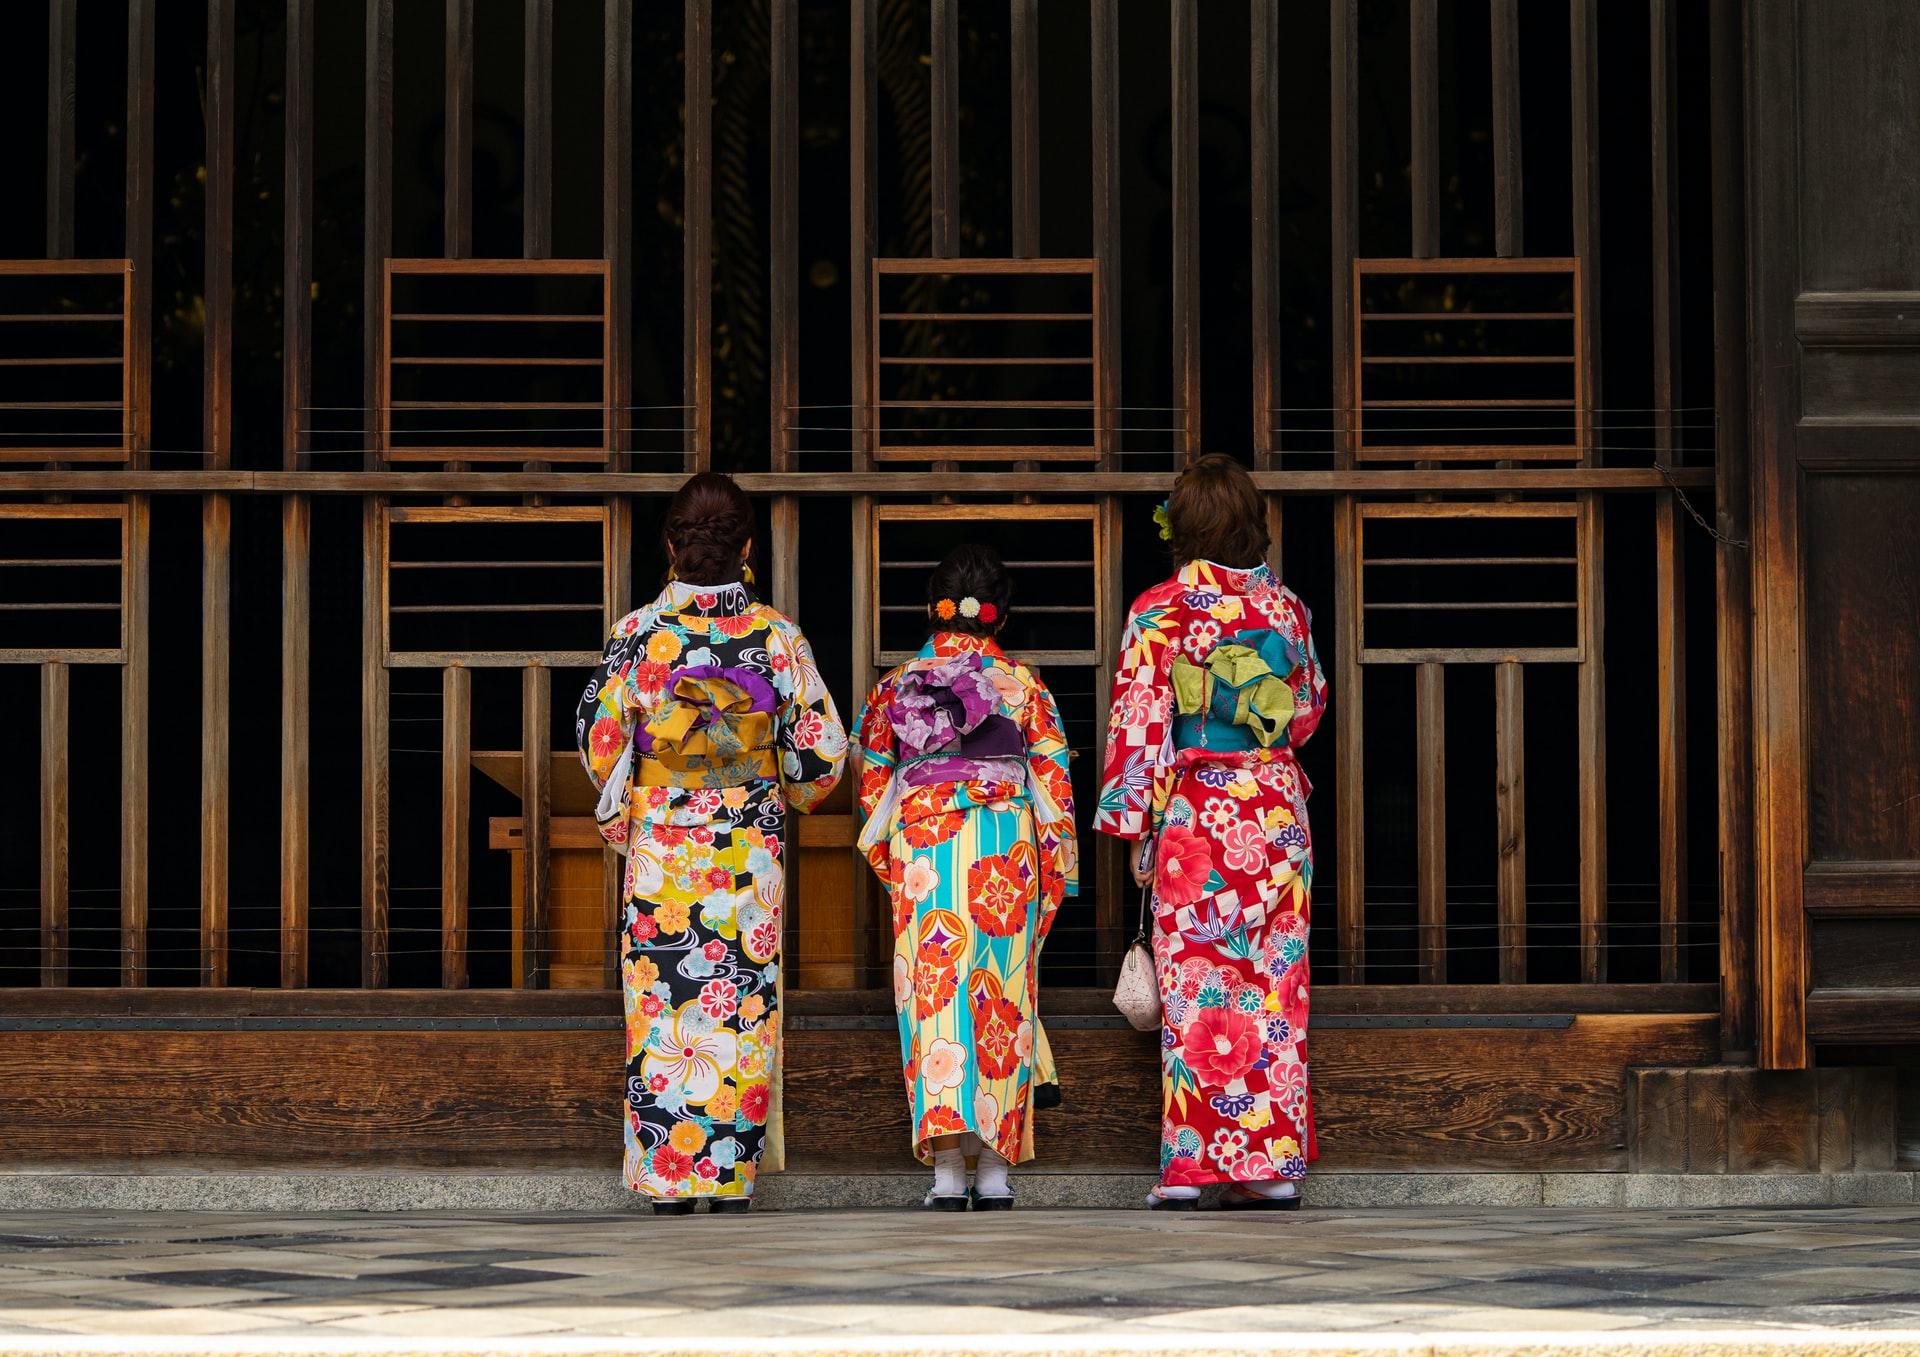 Япония создала 206 дизайнов кимоно в честь каждой страны-участницы Олимпиады в Токио